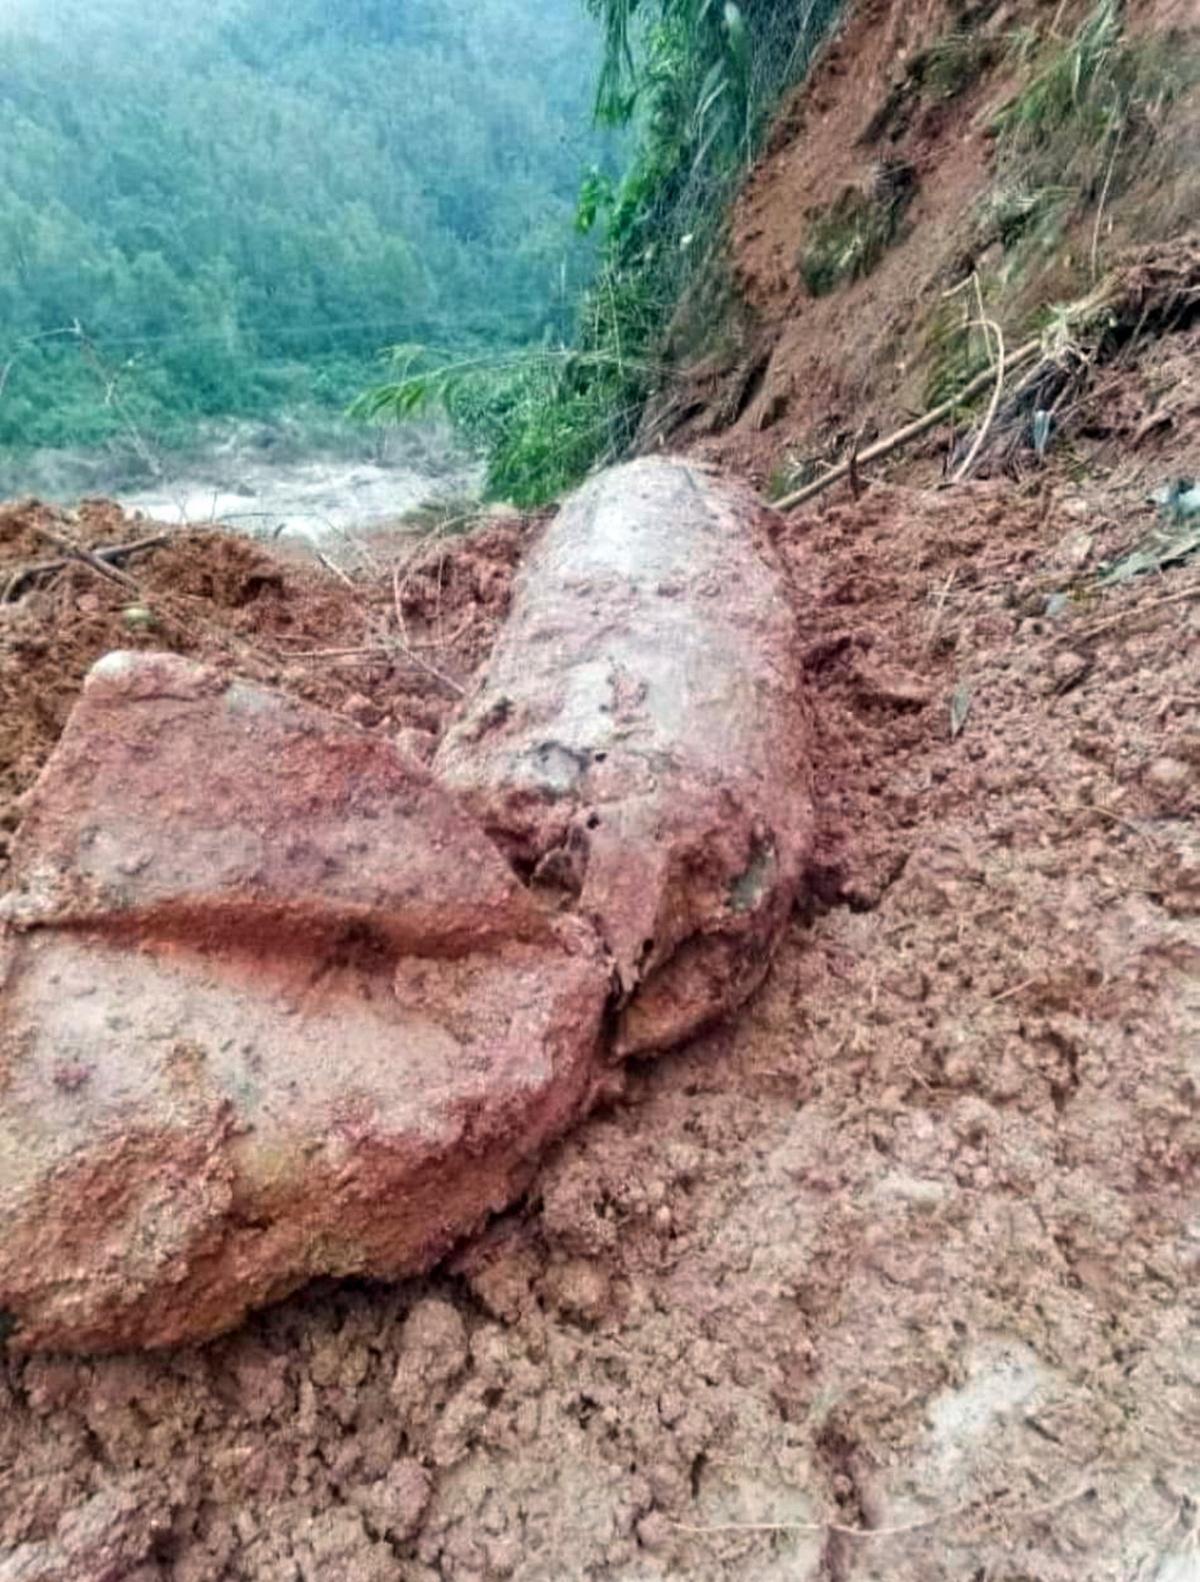 Vật liệu nổ được phát hiện sau mưa lũ.